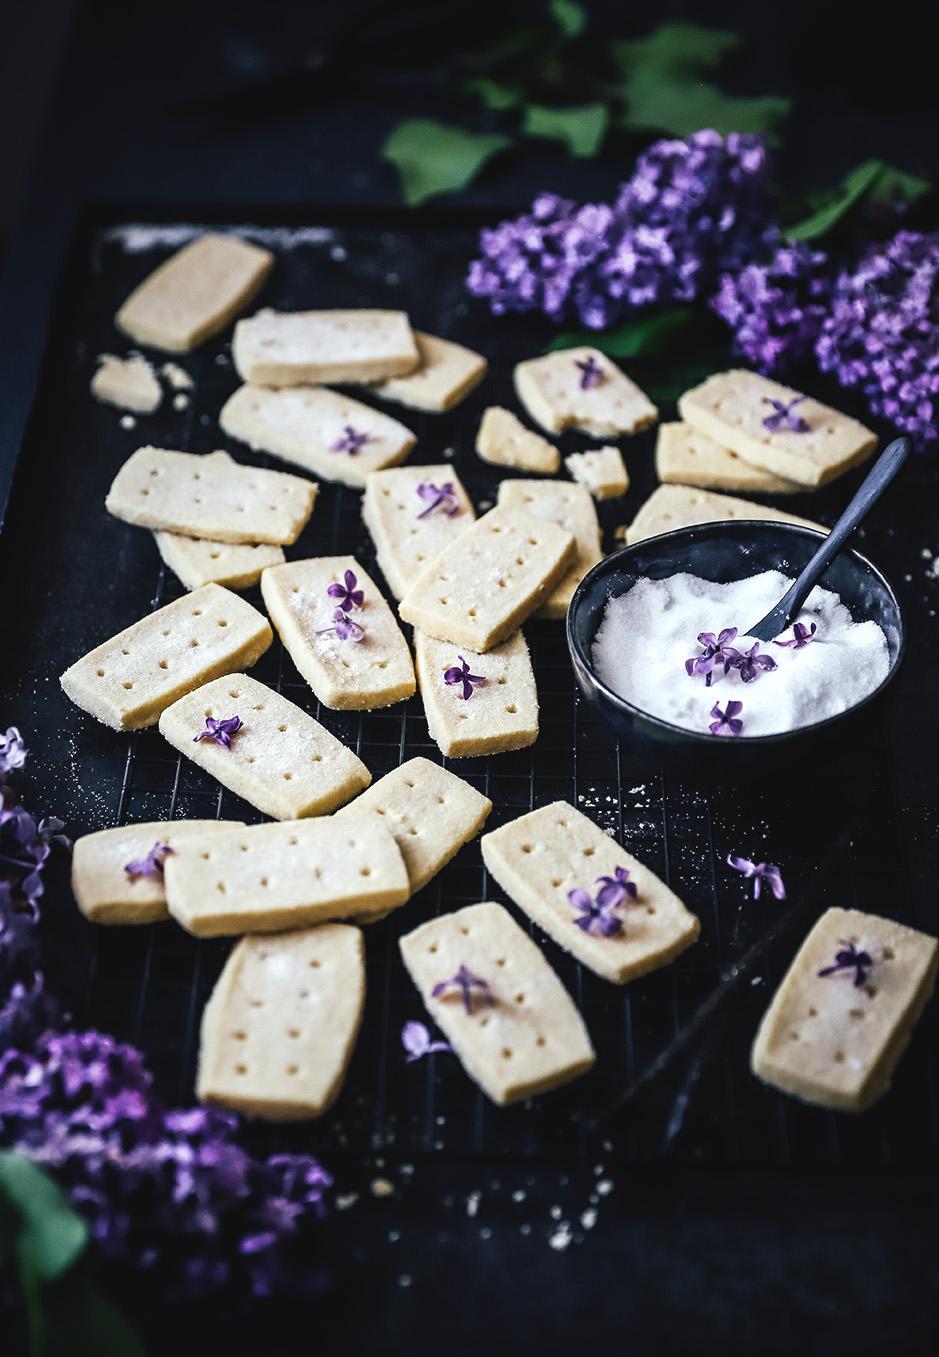 Kekse einmal anders: Fliederzucker verleiht dem Shortbread ein besonderes Aroma.